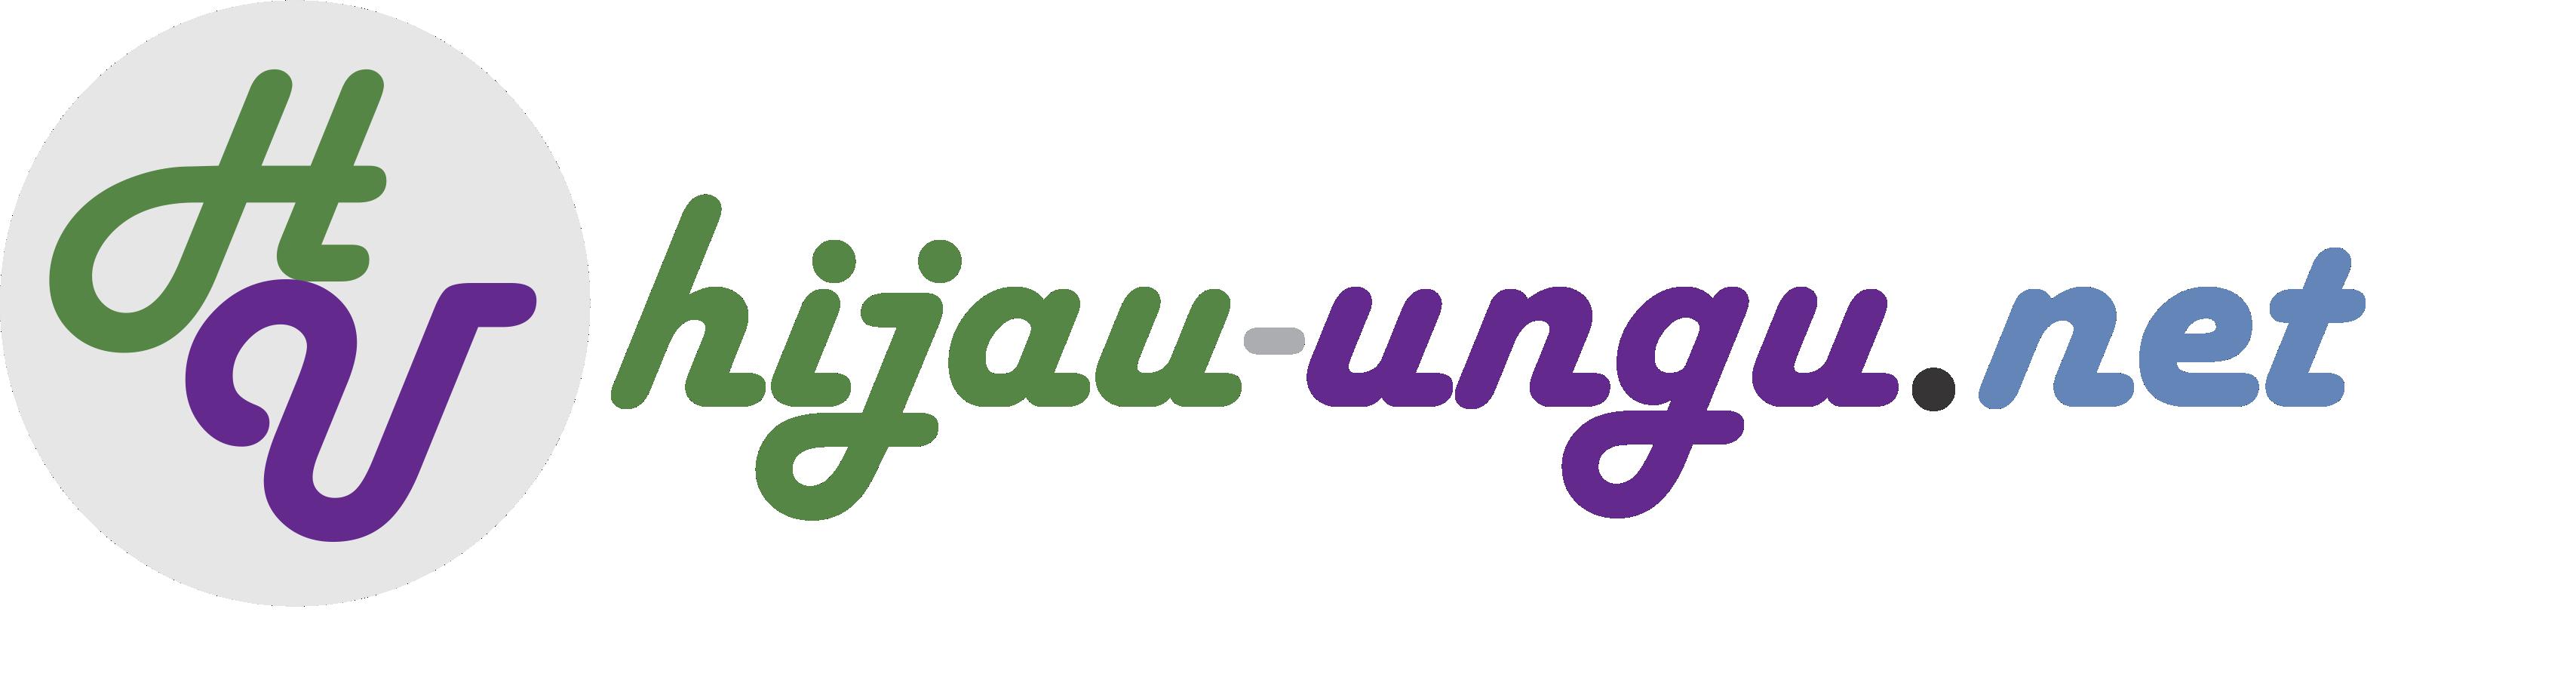 hijau-ungu.net